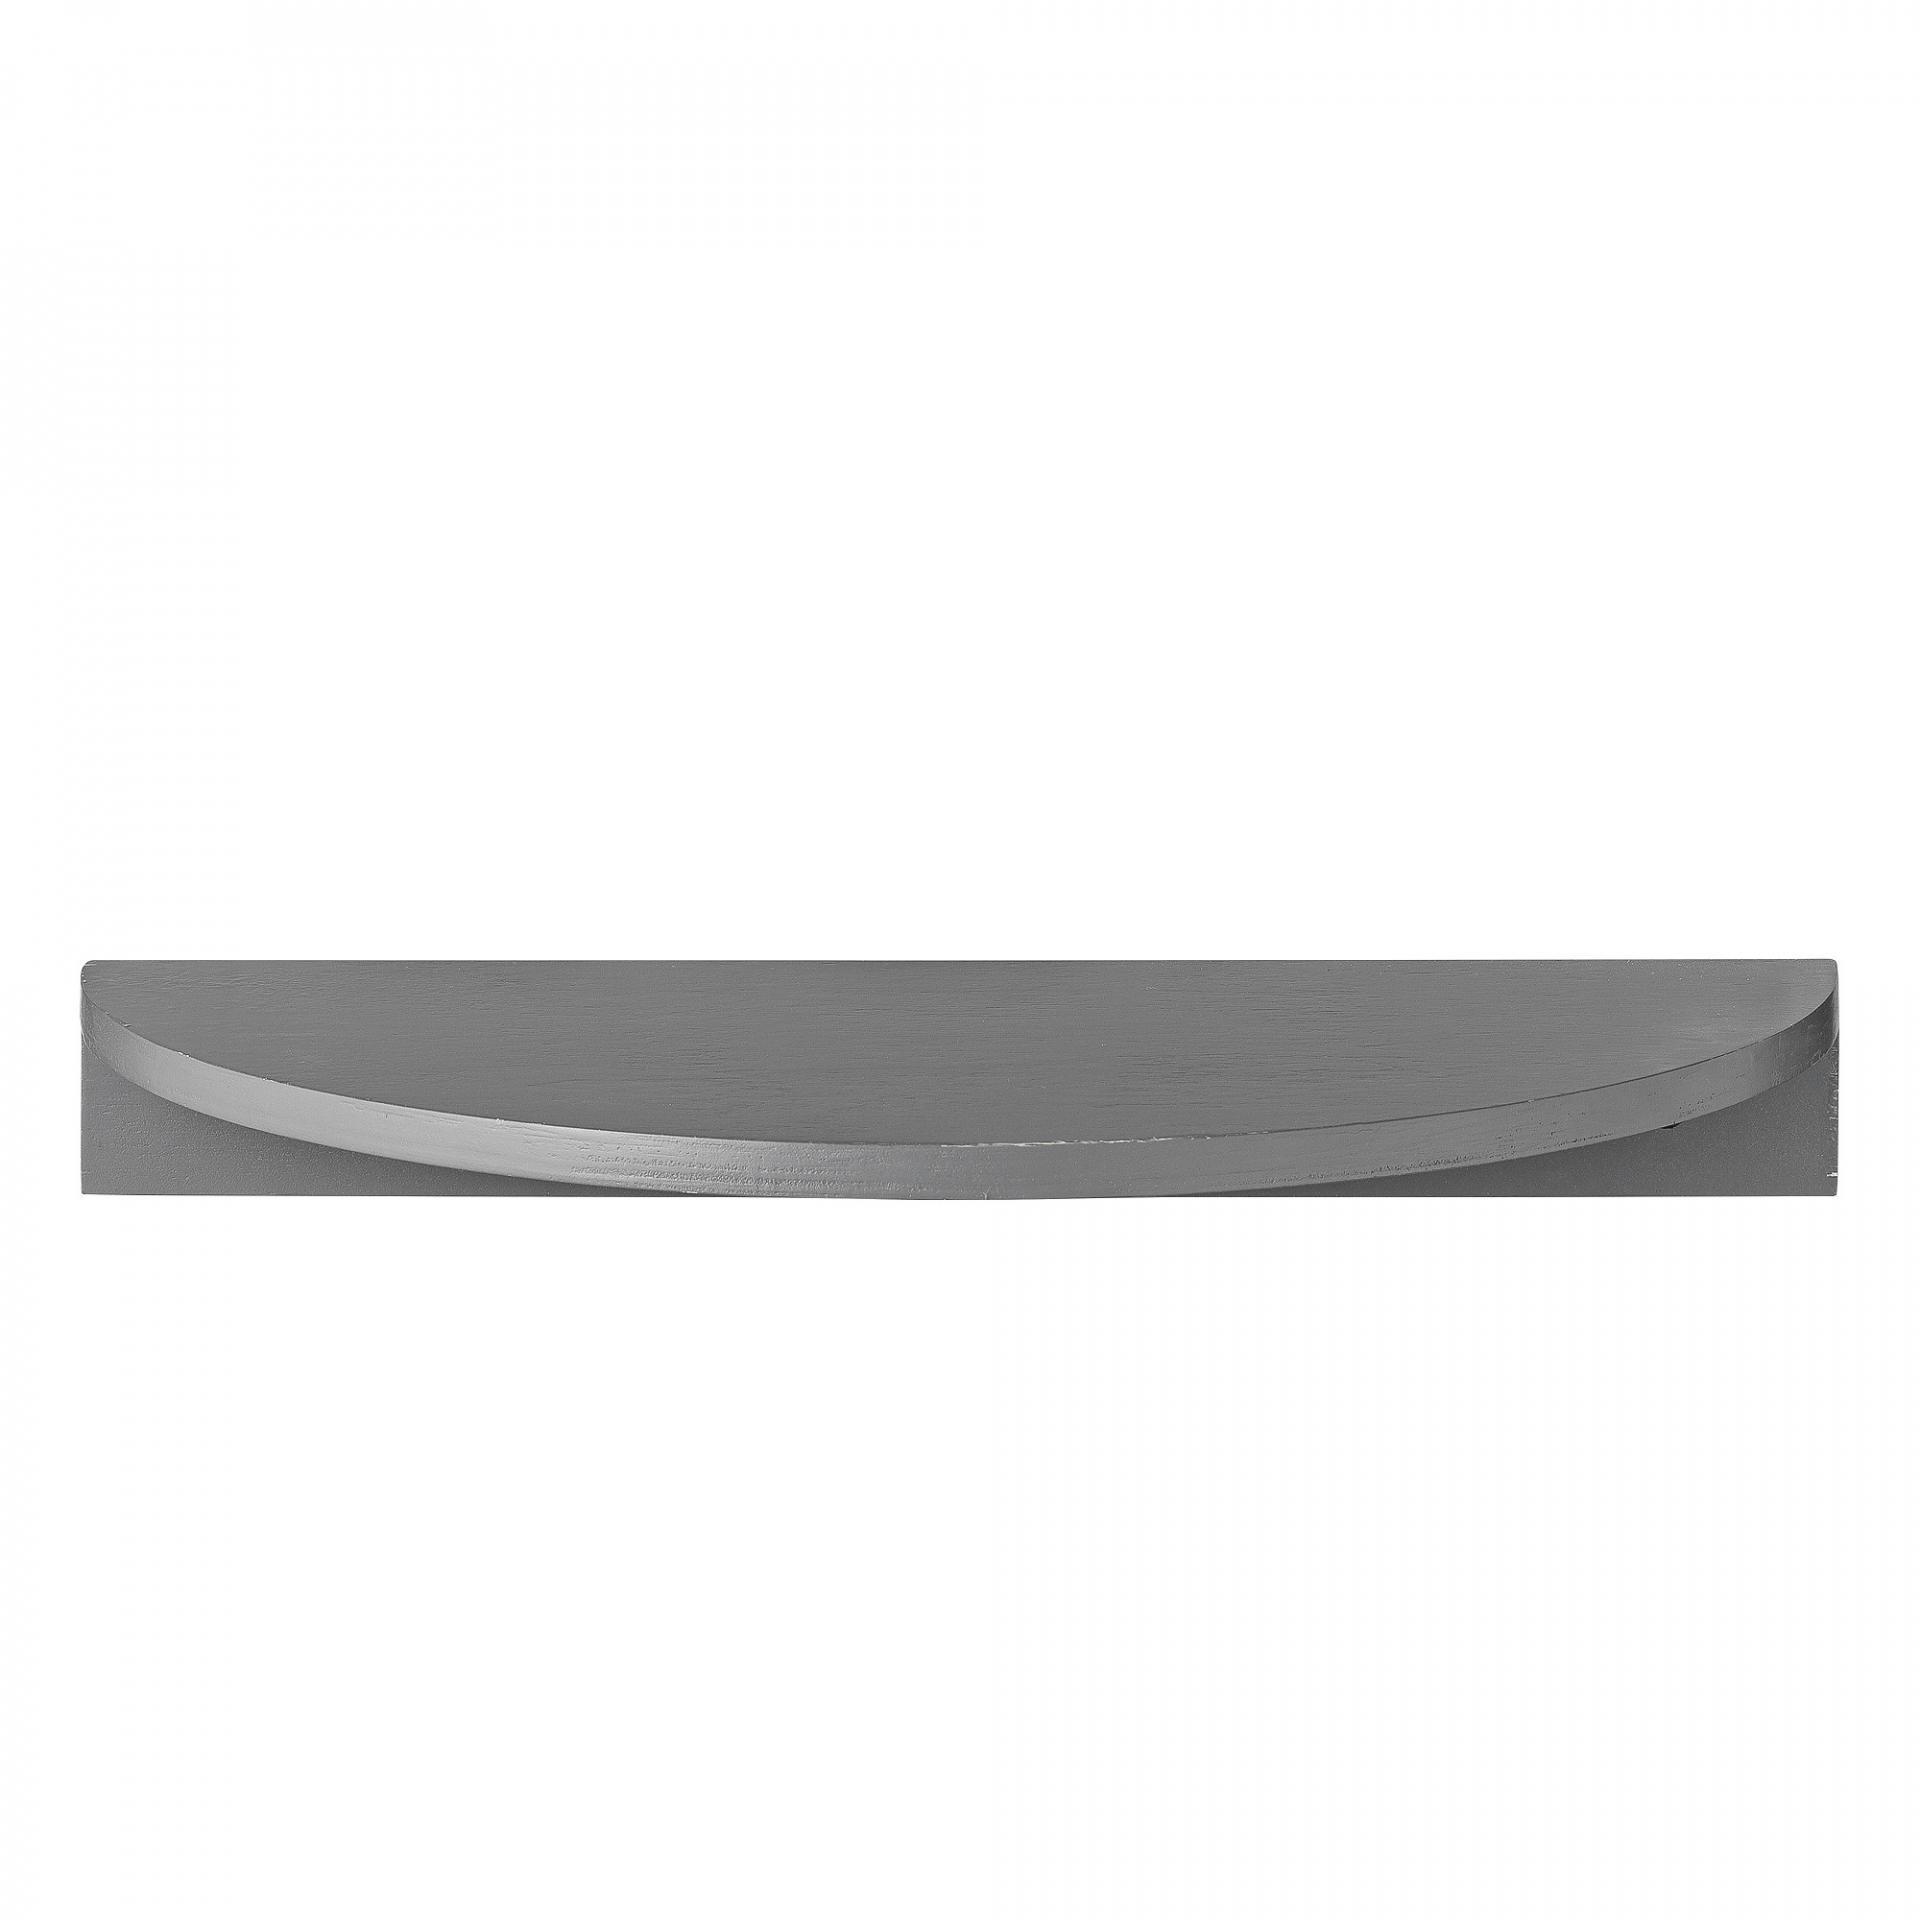 Bloomingville Dřevěná polička Half Moon Cool Grey, šedá barva, dřevo, dřevotříska